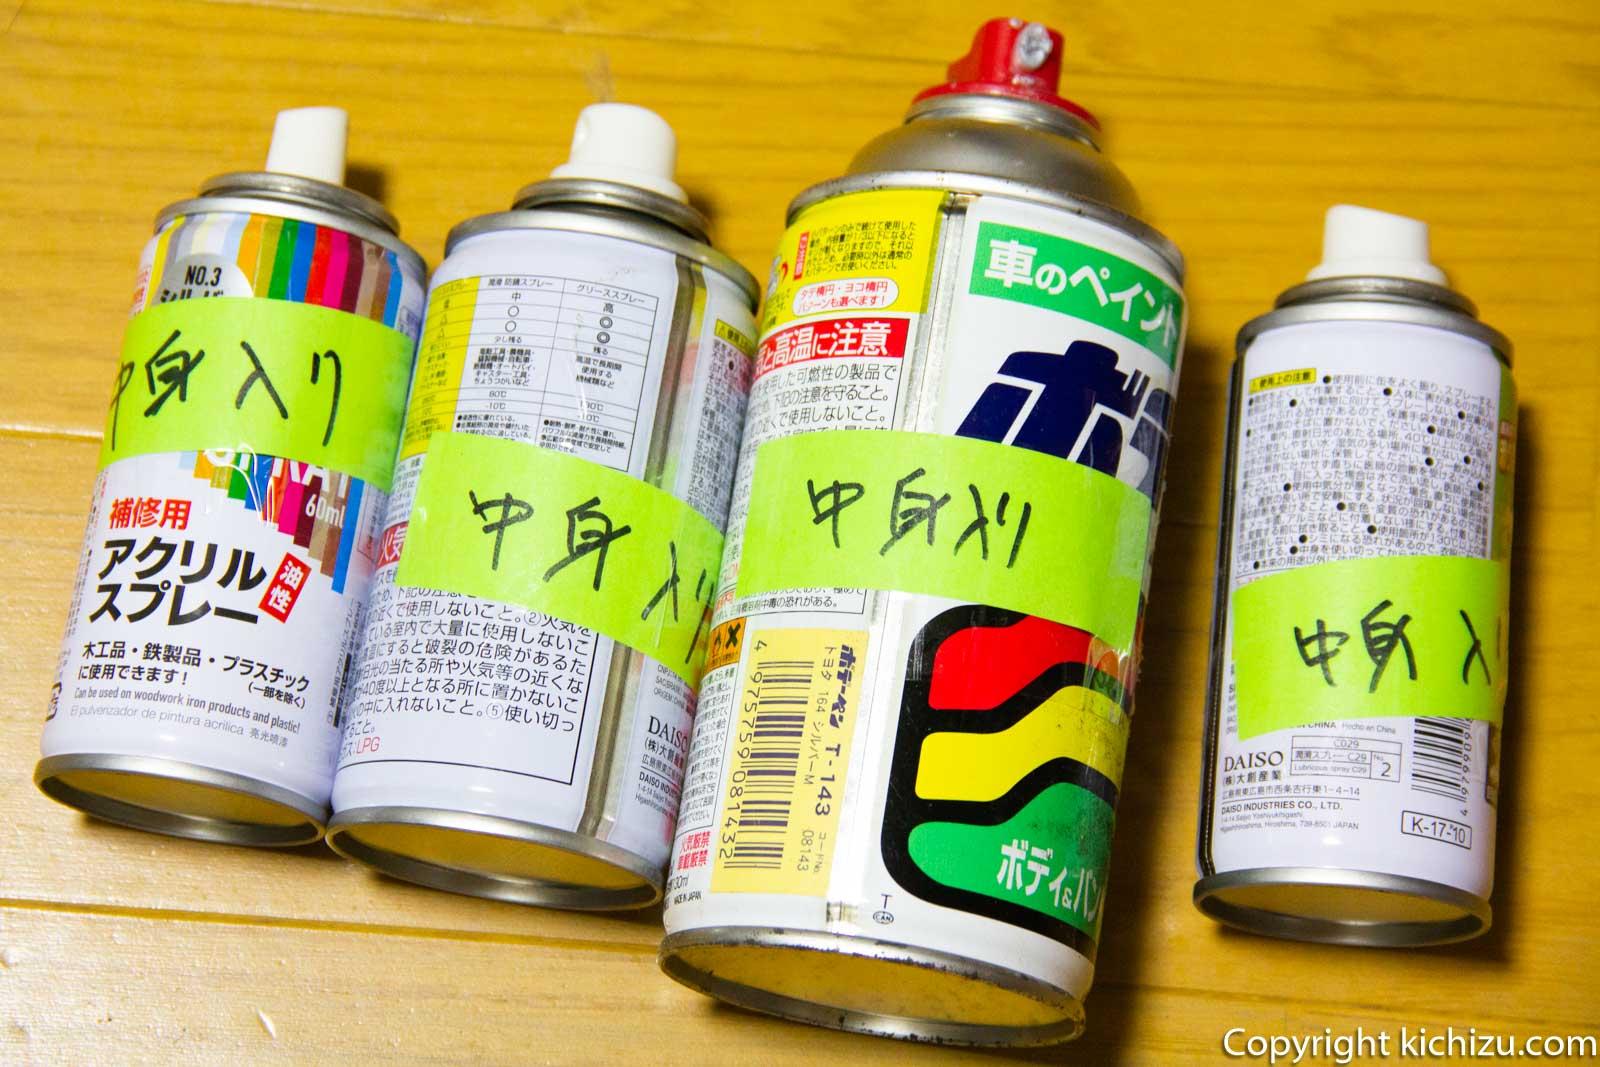 川崎市で中身のあるスプレー缶を捨てる方法